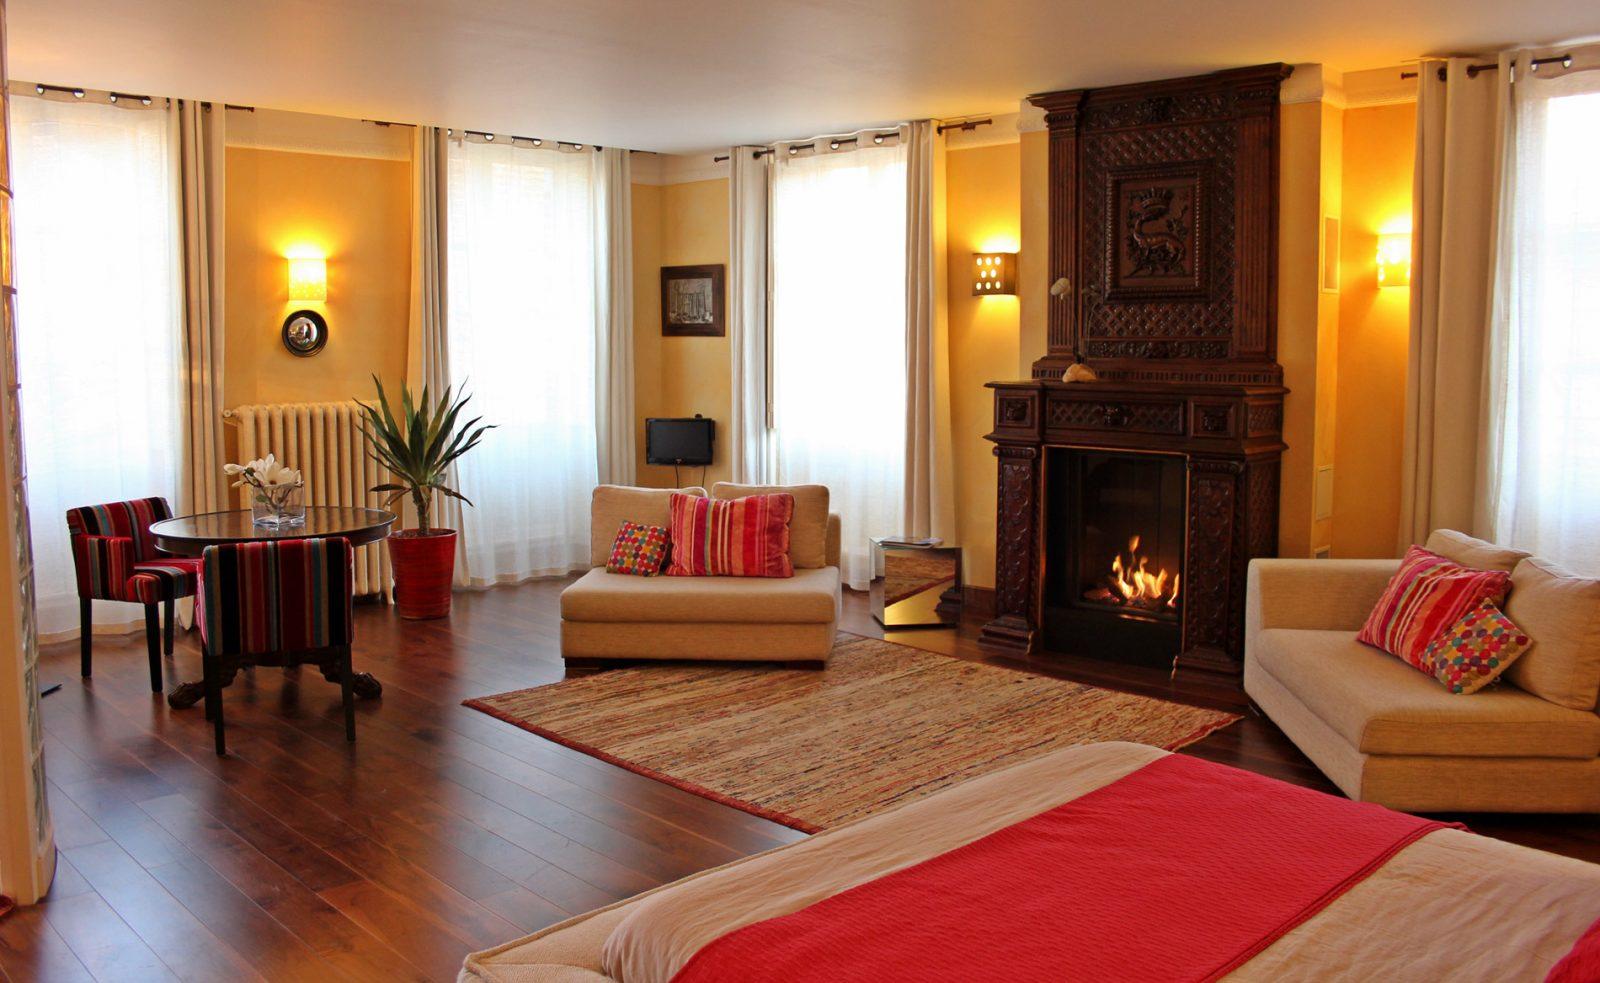 gis le agrech patoureau maison d 39 h tes du pign albi chambre d 39 h tes tarn tourisme. Black Bedroom Furniture Sets. Home Design Ideas